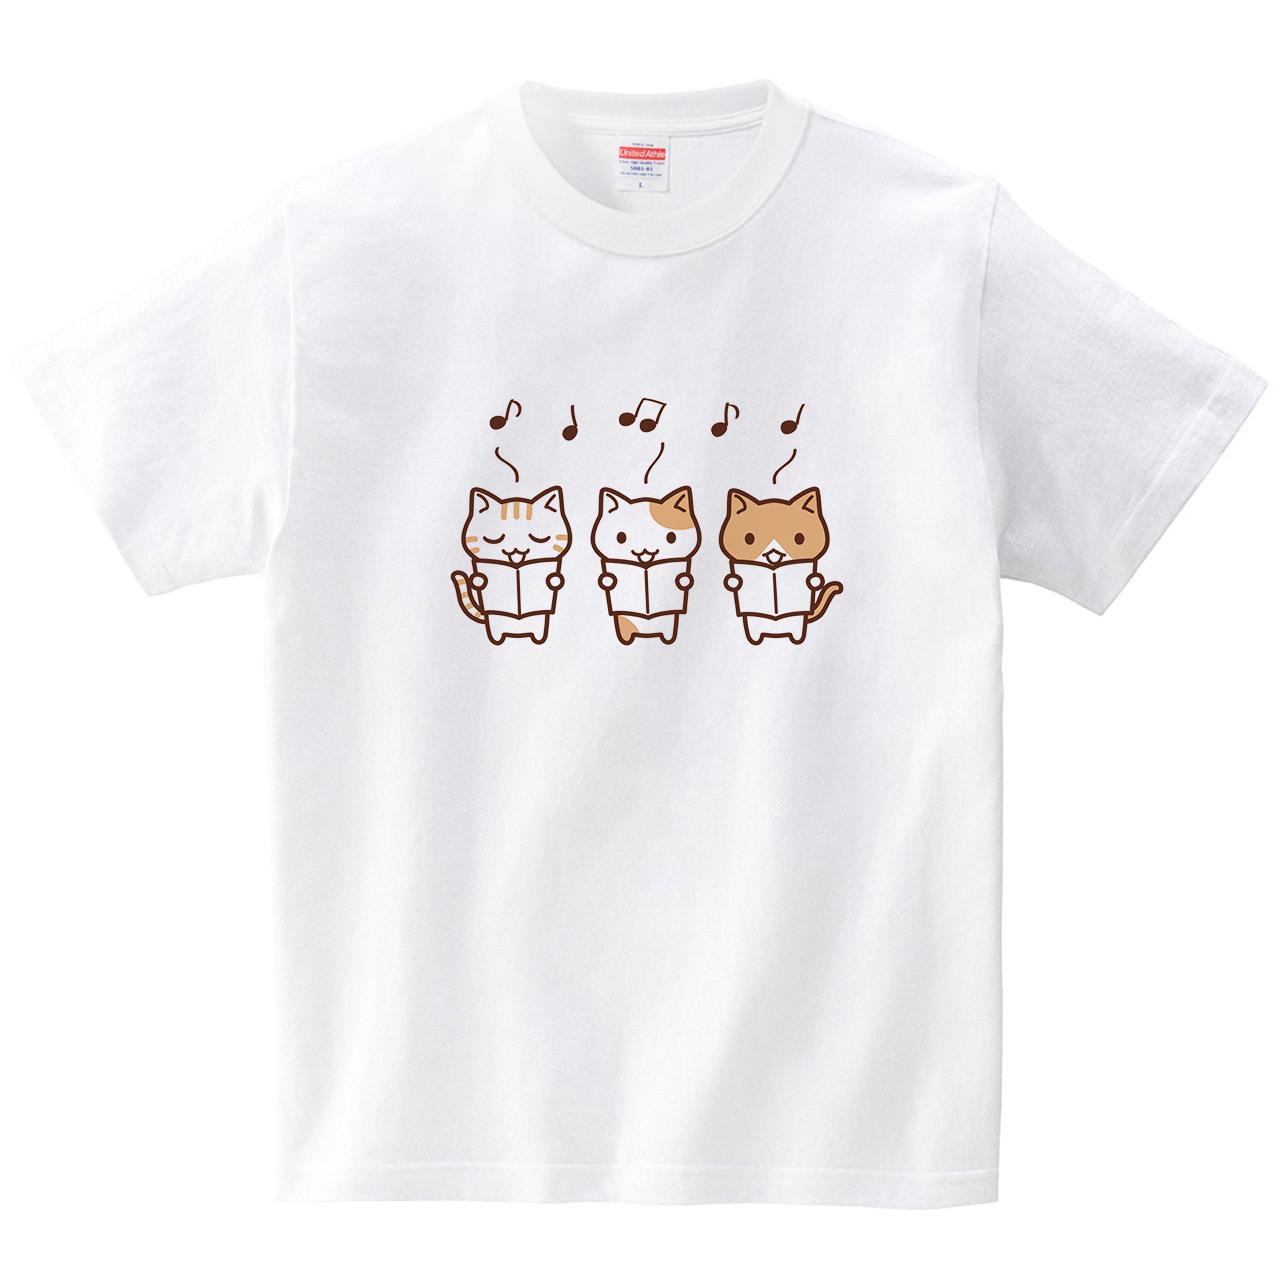 歌うにゃんず(Tシャツ・ホワイト)(あずき*)